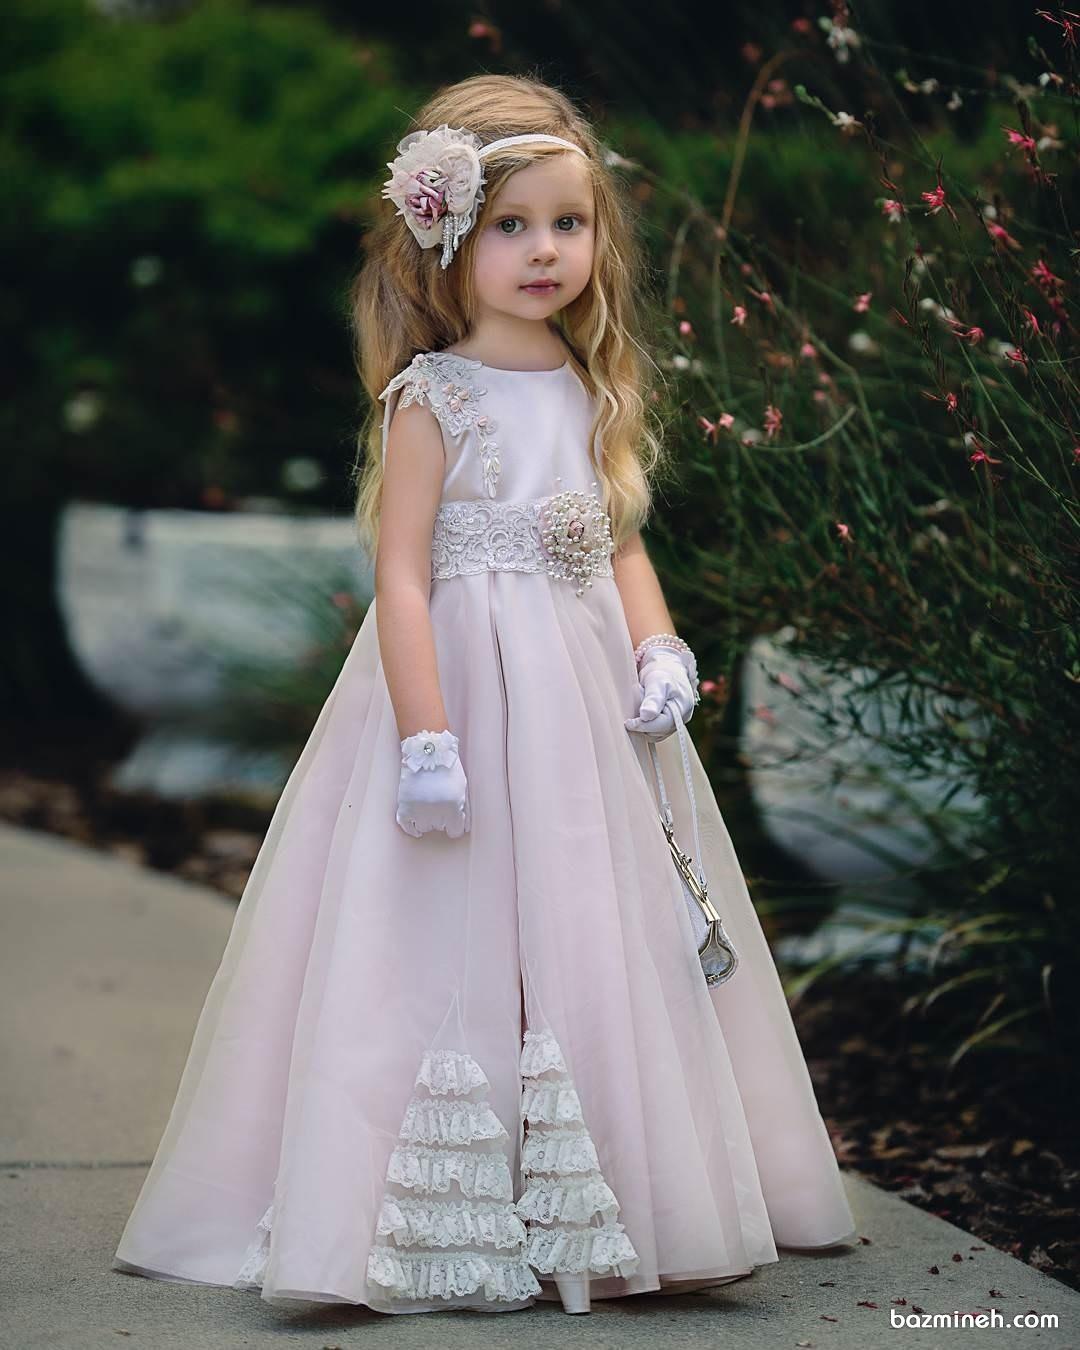 لباس مجلسی کودک مناسب برای دختر بچه های همراه عروس